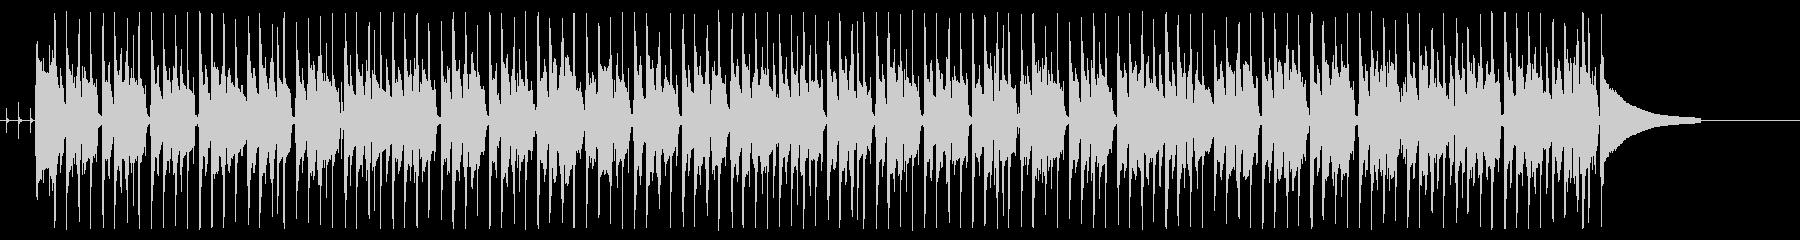 使いやすいファンク タンバリン無し版の未再生の波形